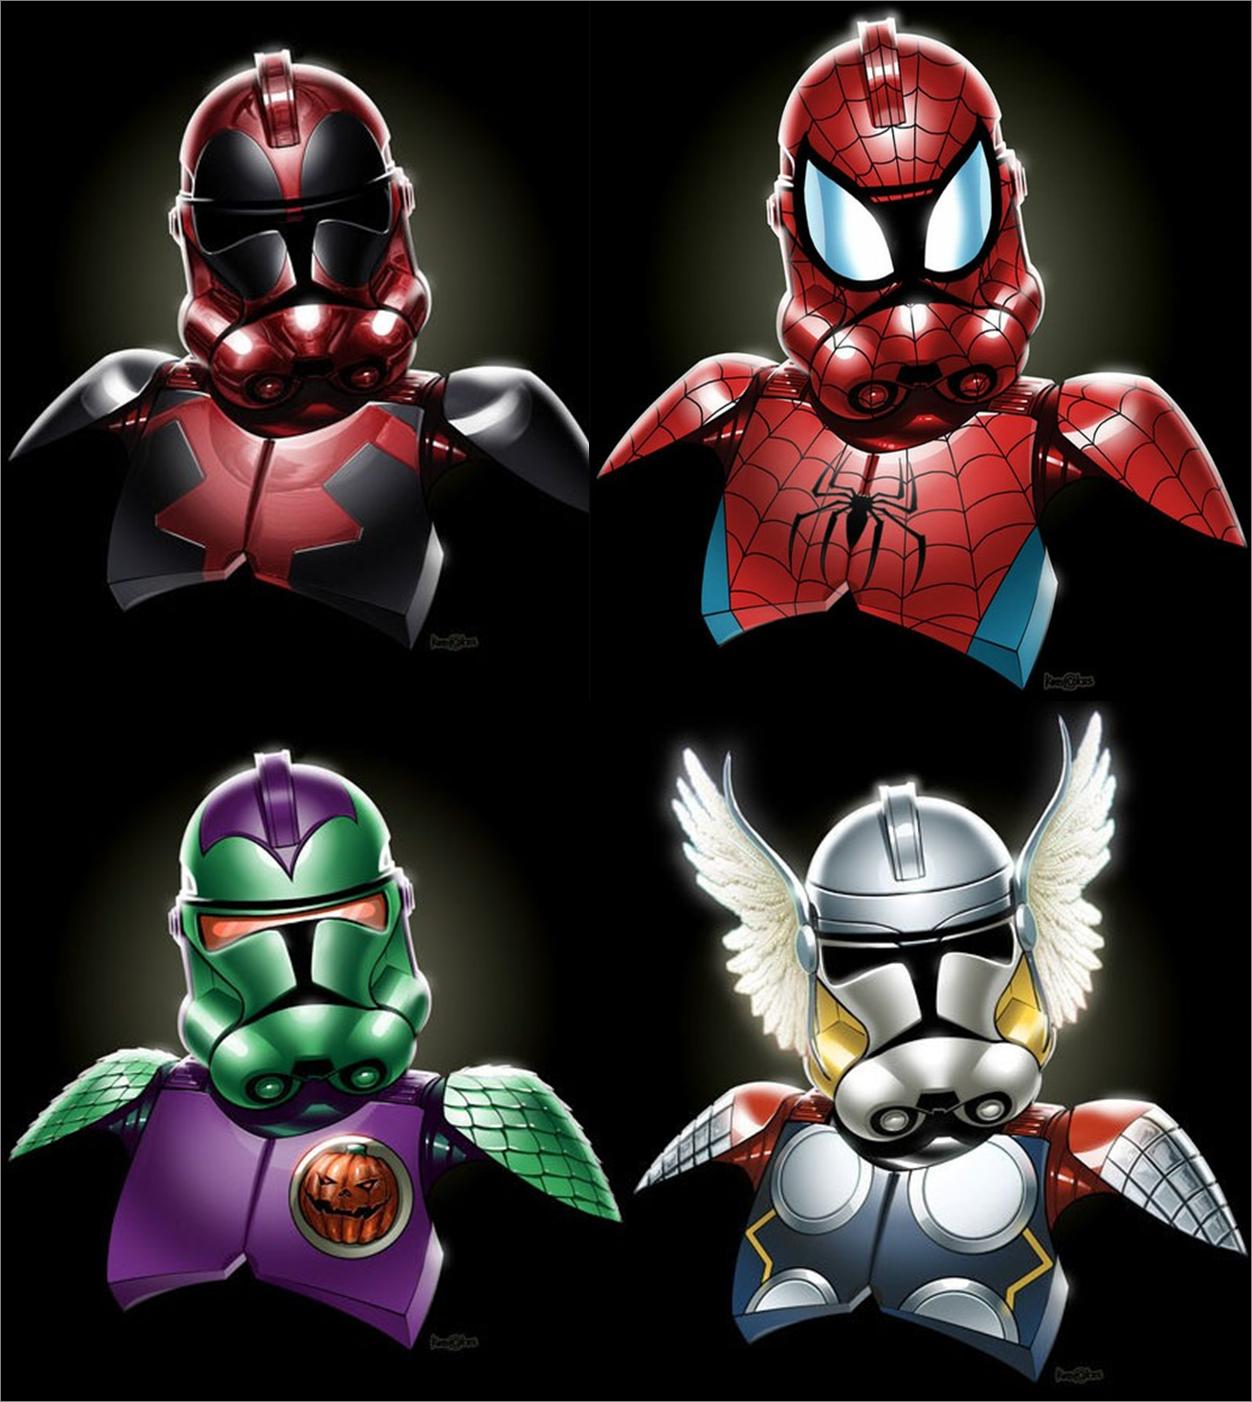 Deadpool Spiderman Green Goblin Thor Marvel Star Wars Mashup Star Wars Villains Funny Star Wars Memes Star Wars Art